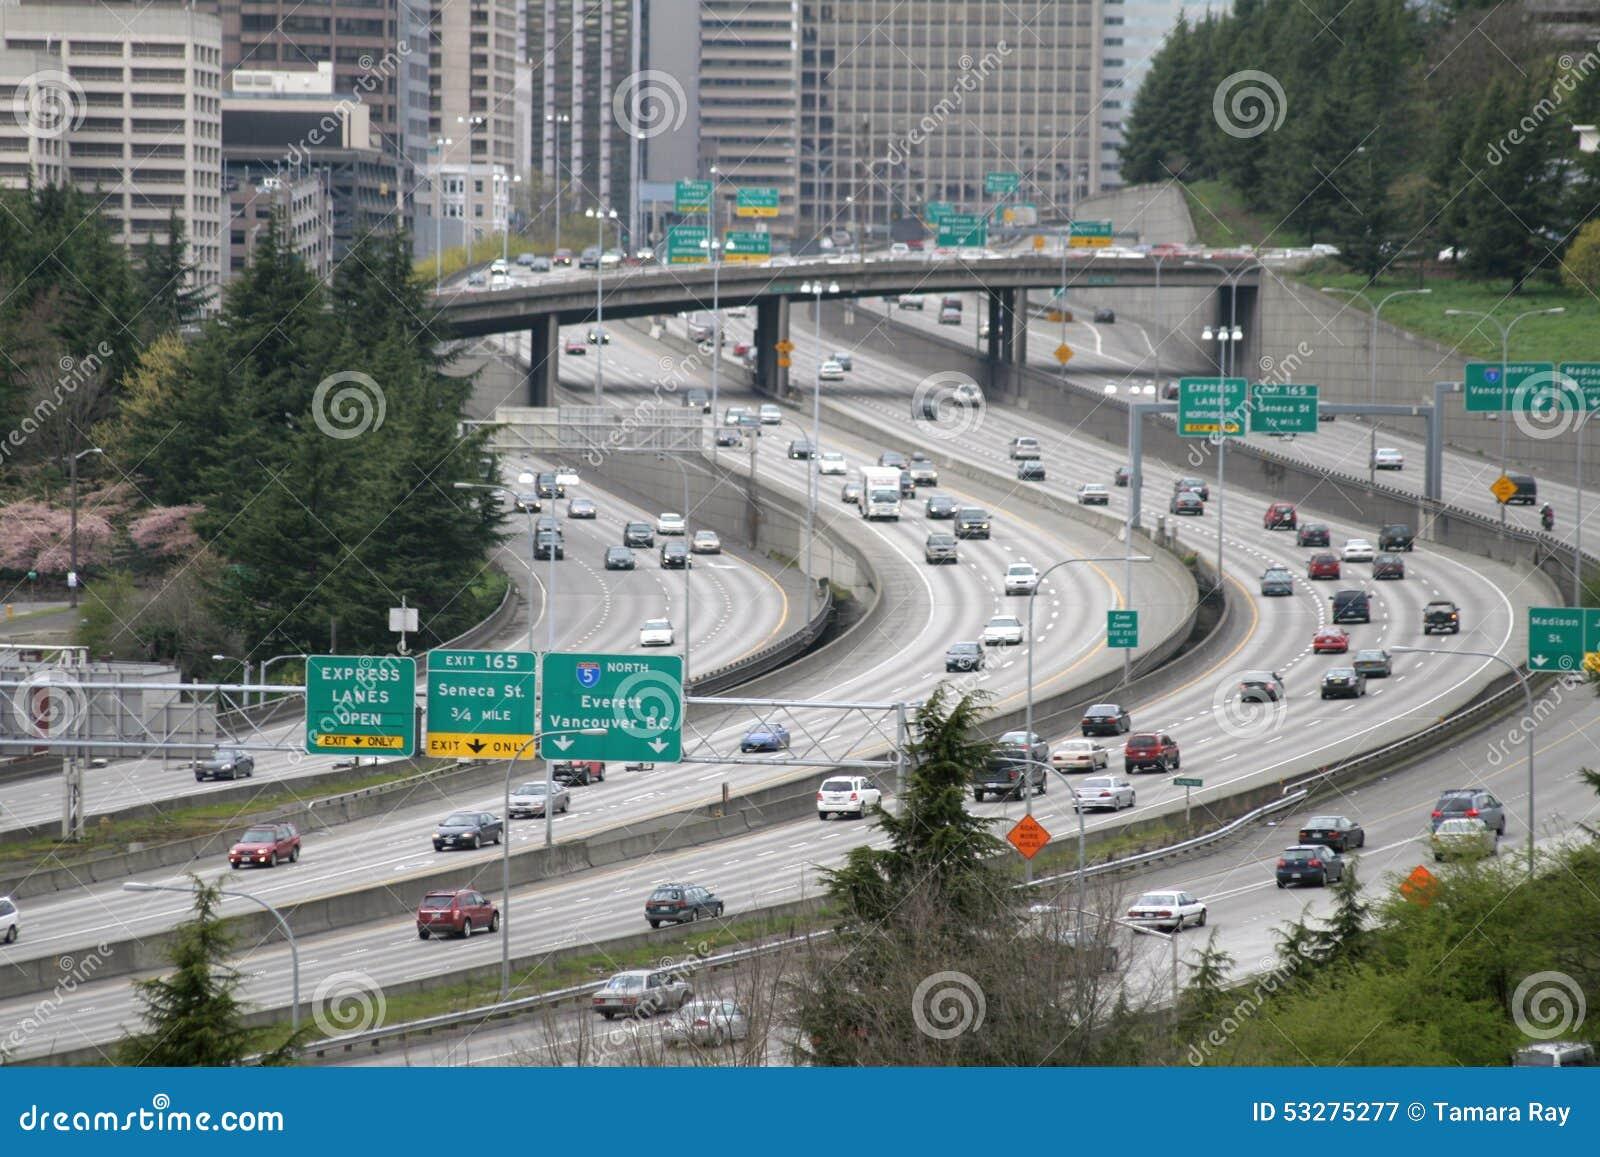 Snelwegverkeer tusen staten